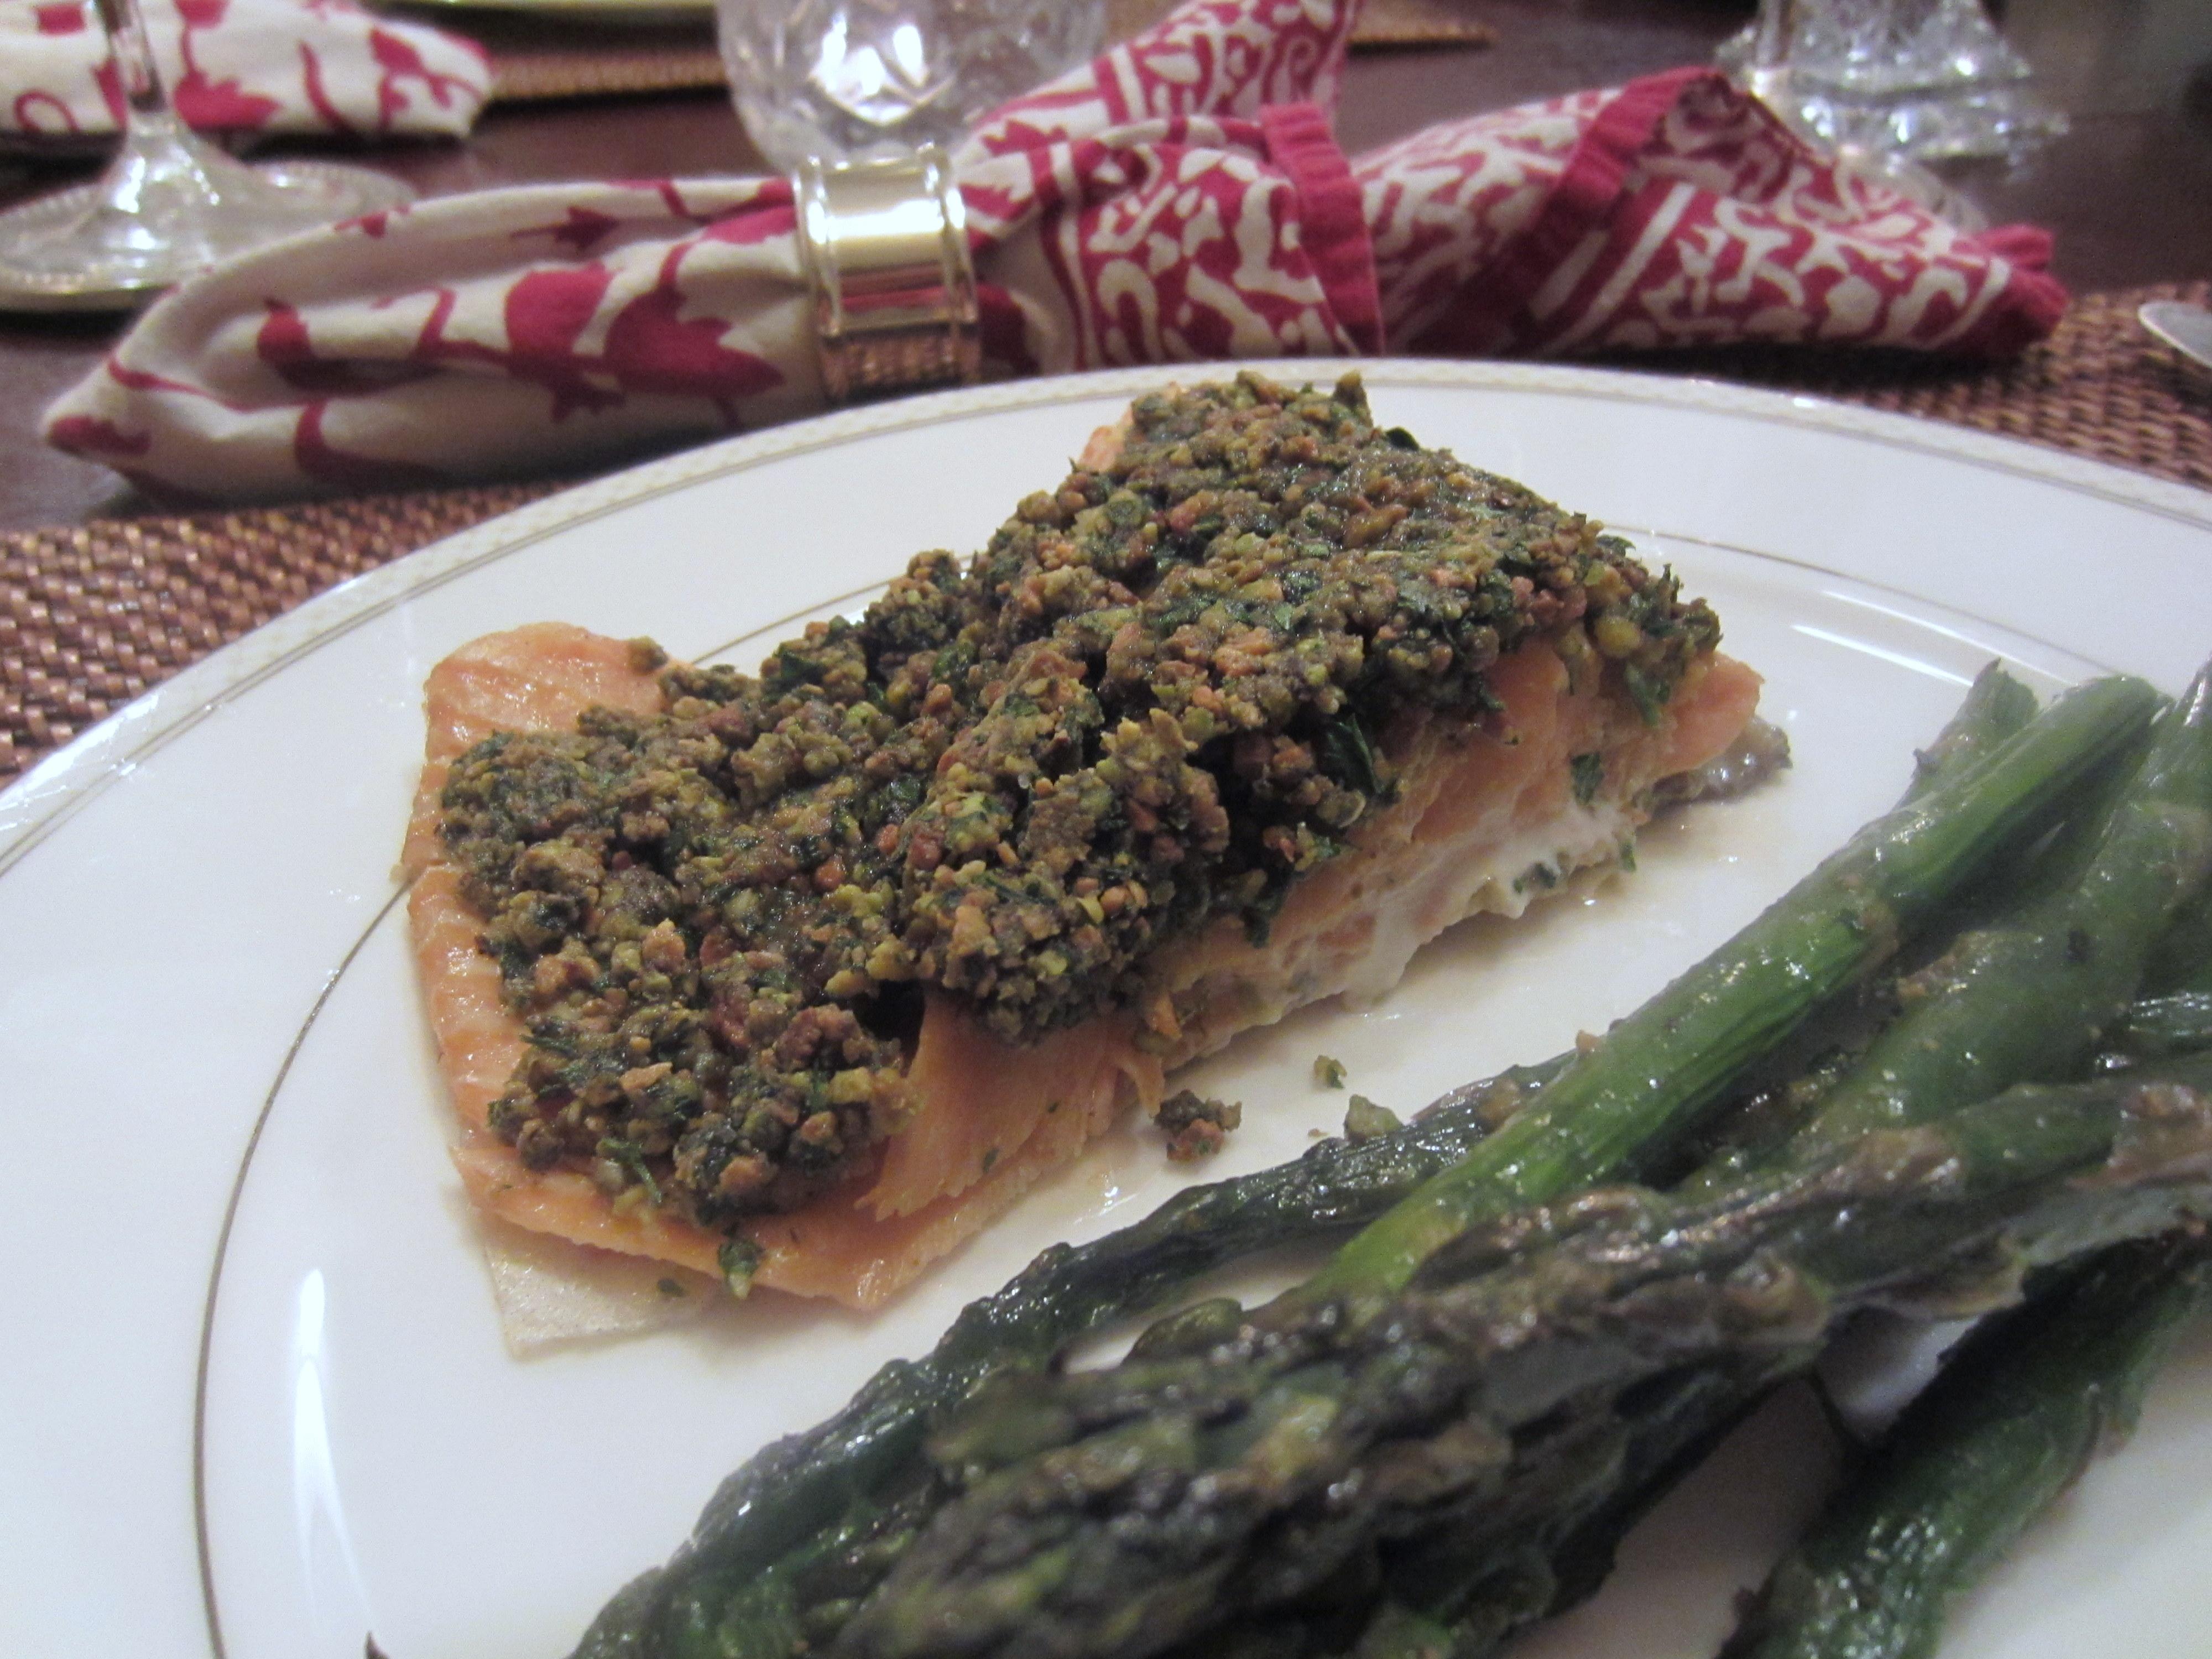 Pistachio crusted salmon megan opel interiors for Pistachio crusted fish